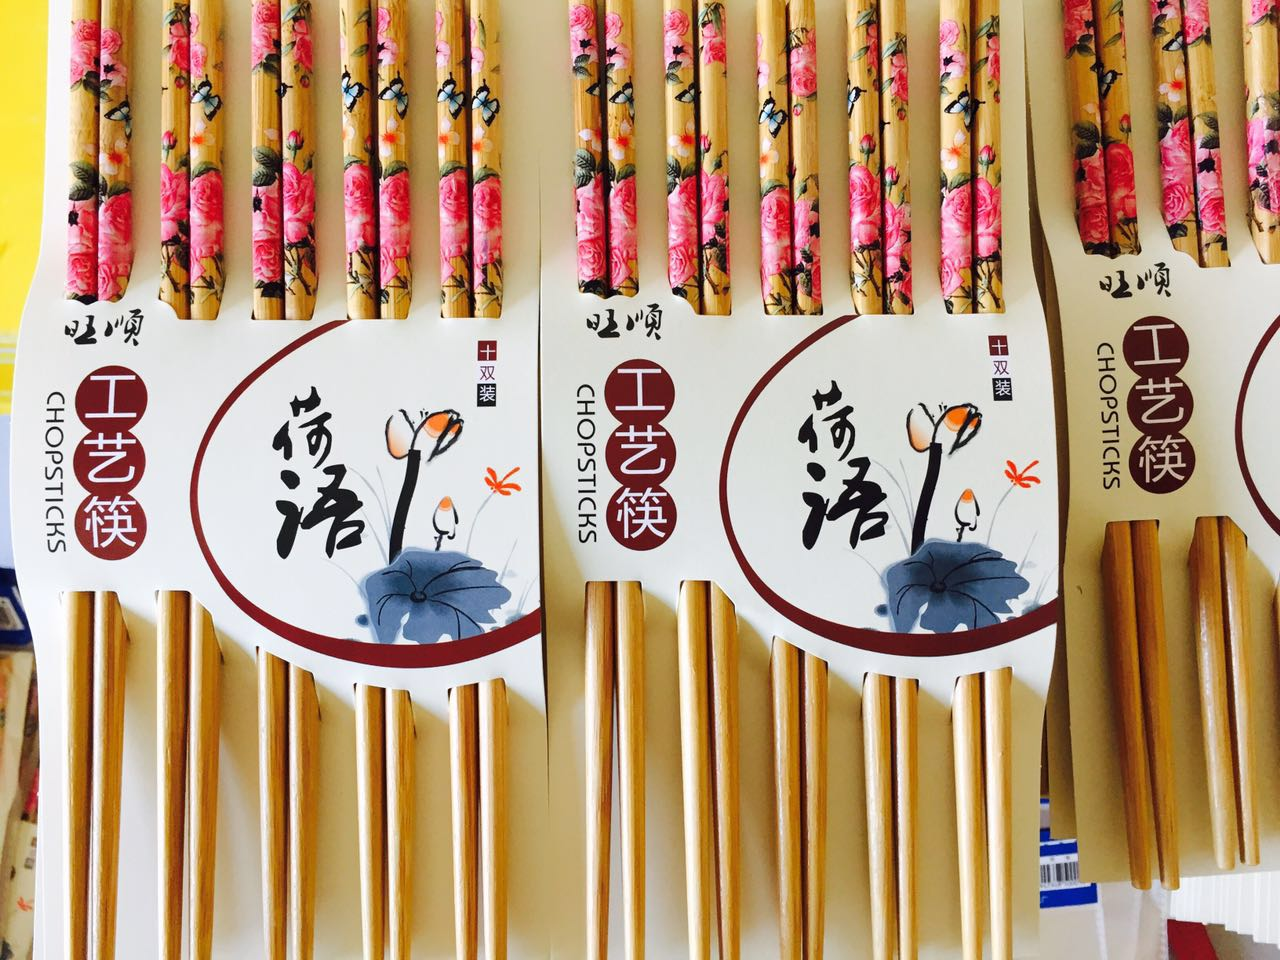 包装筷|礼品筷|印花筷厂家直销